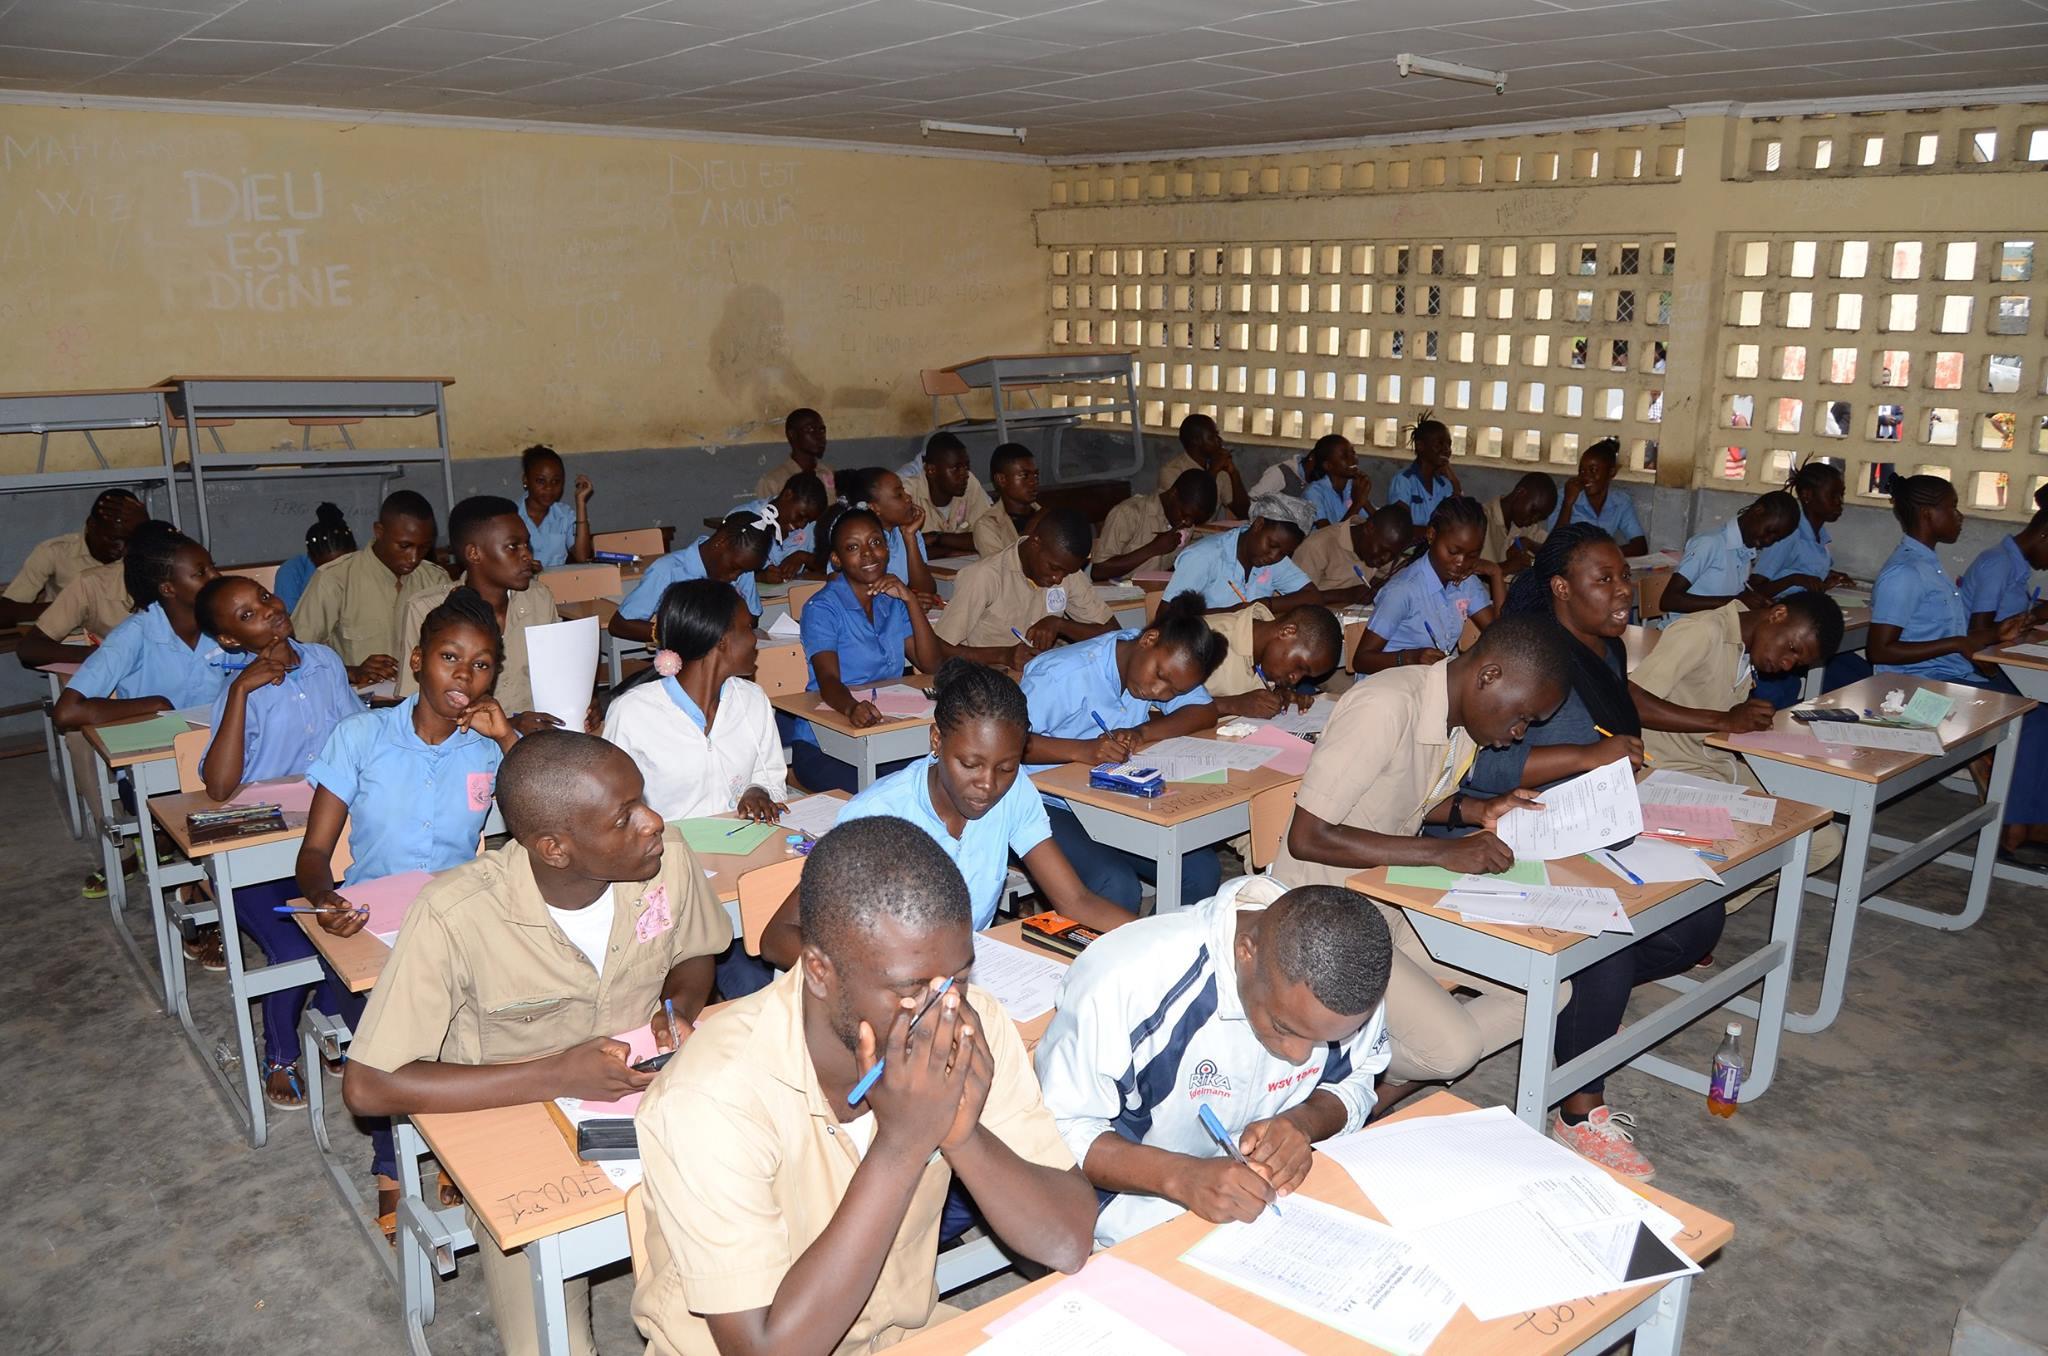 Les élèves au Congo